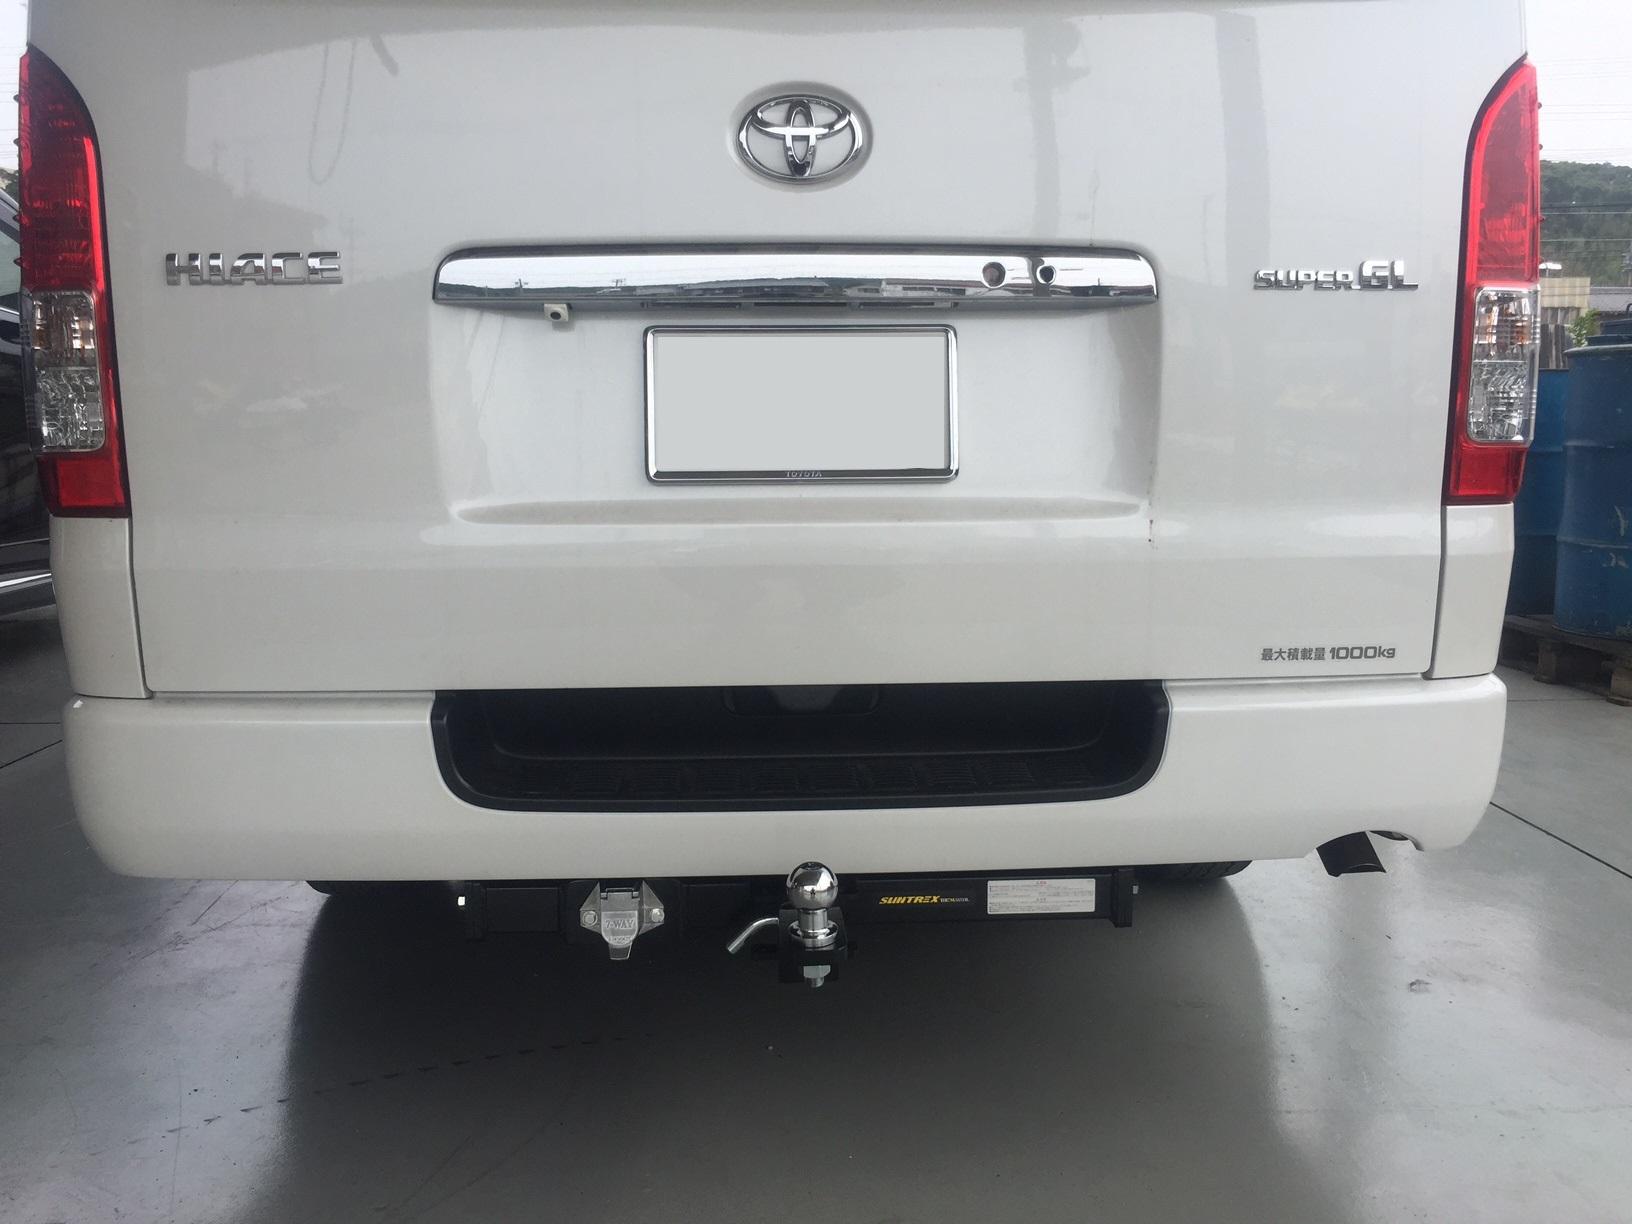 トヨタ ハイエース(型式:CBF-TRH200V) ヒッチメンバー取り付けレポート